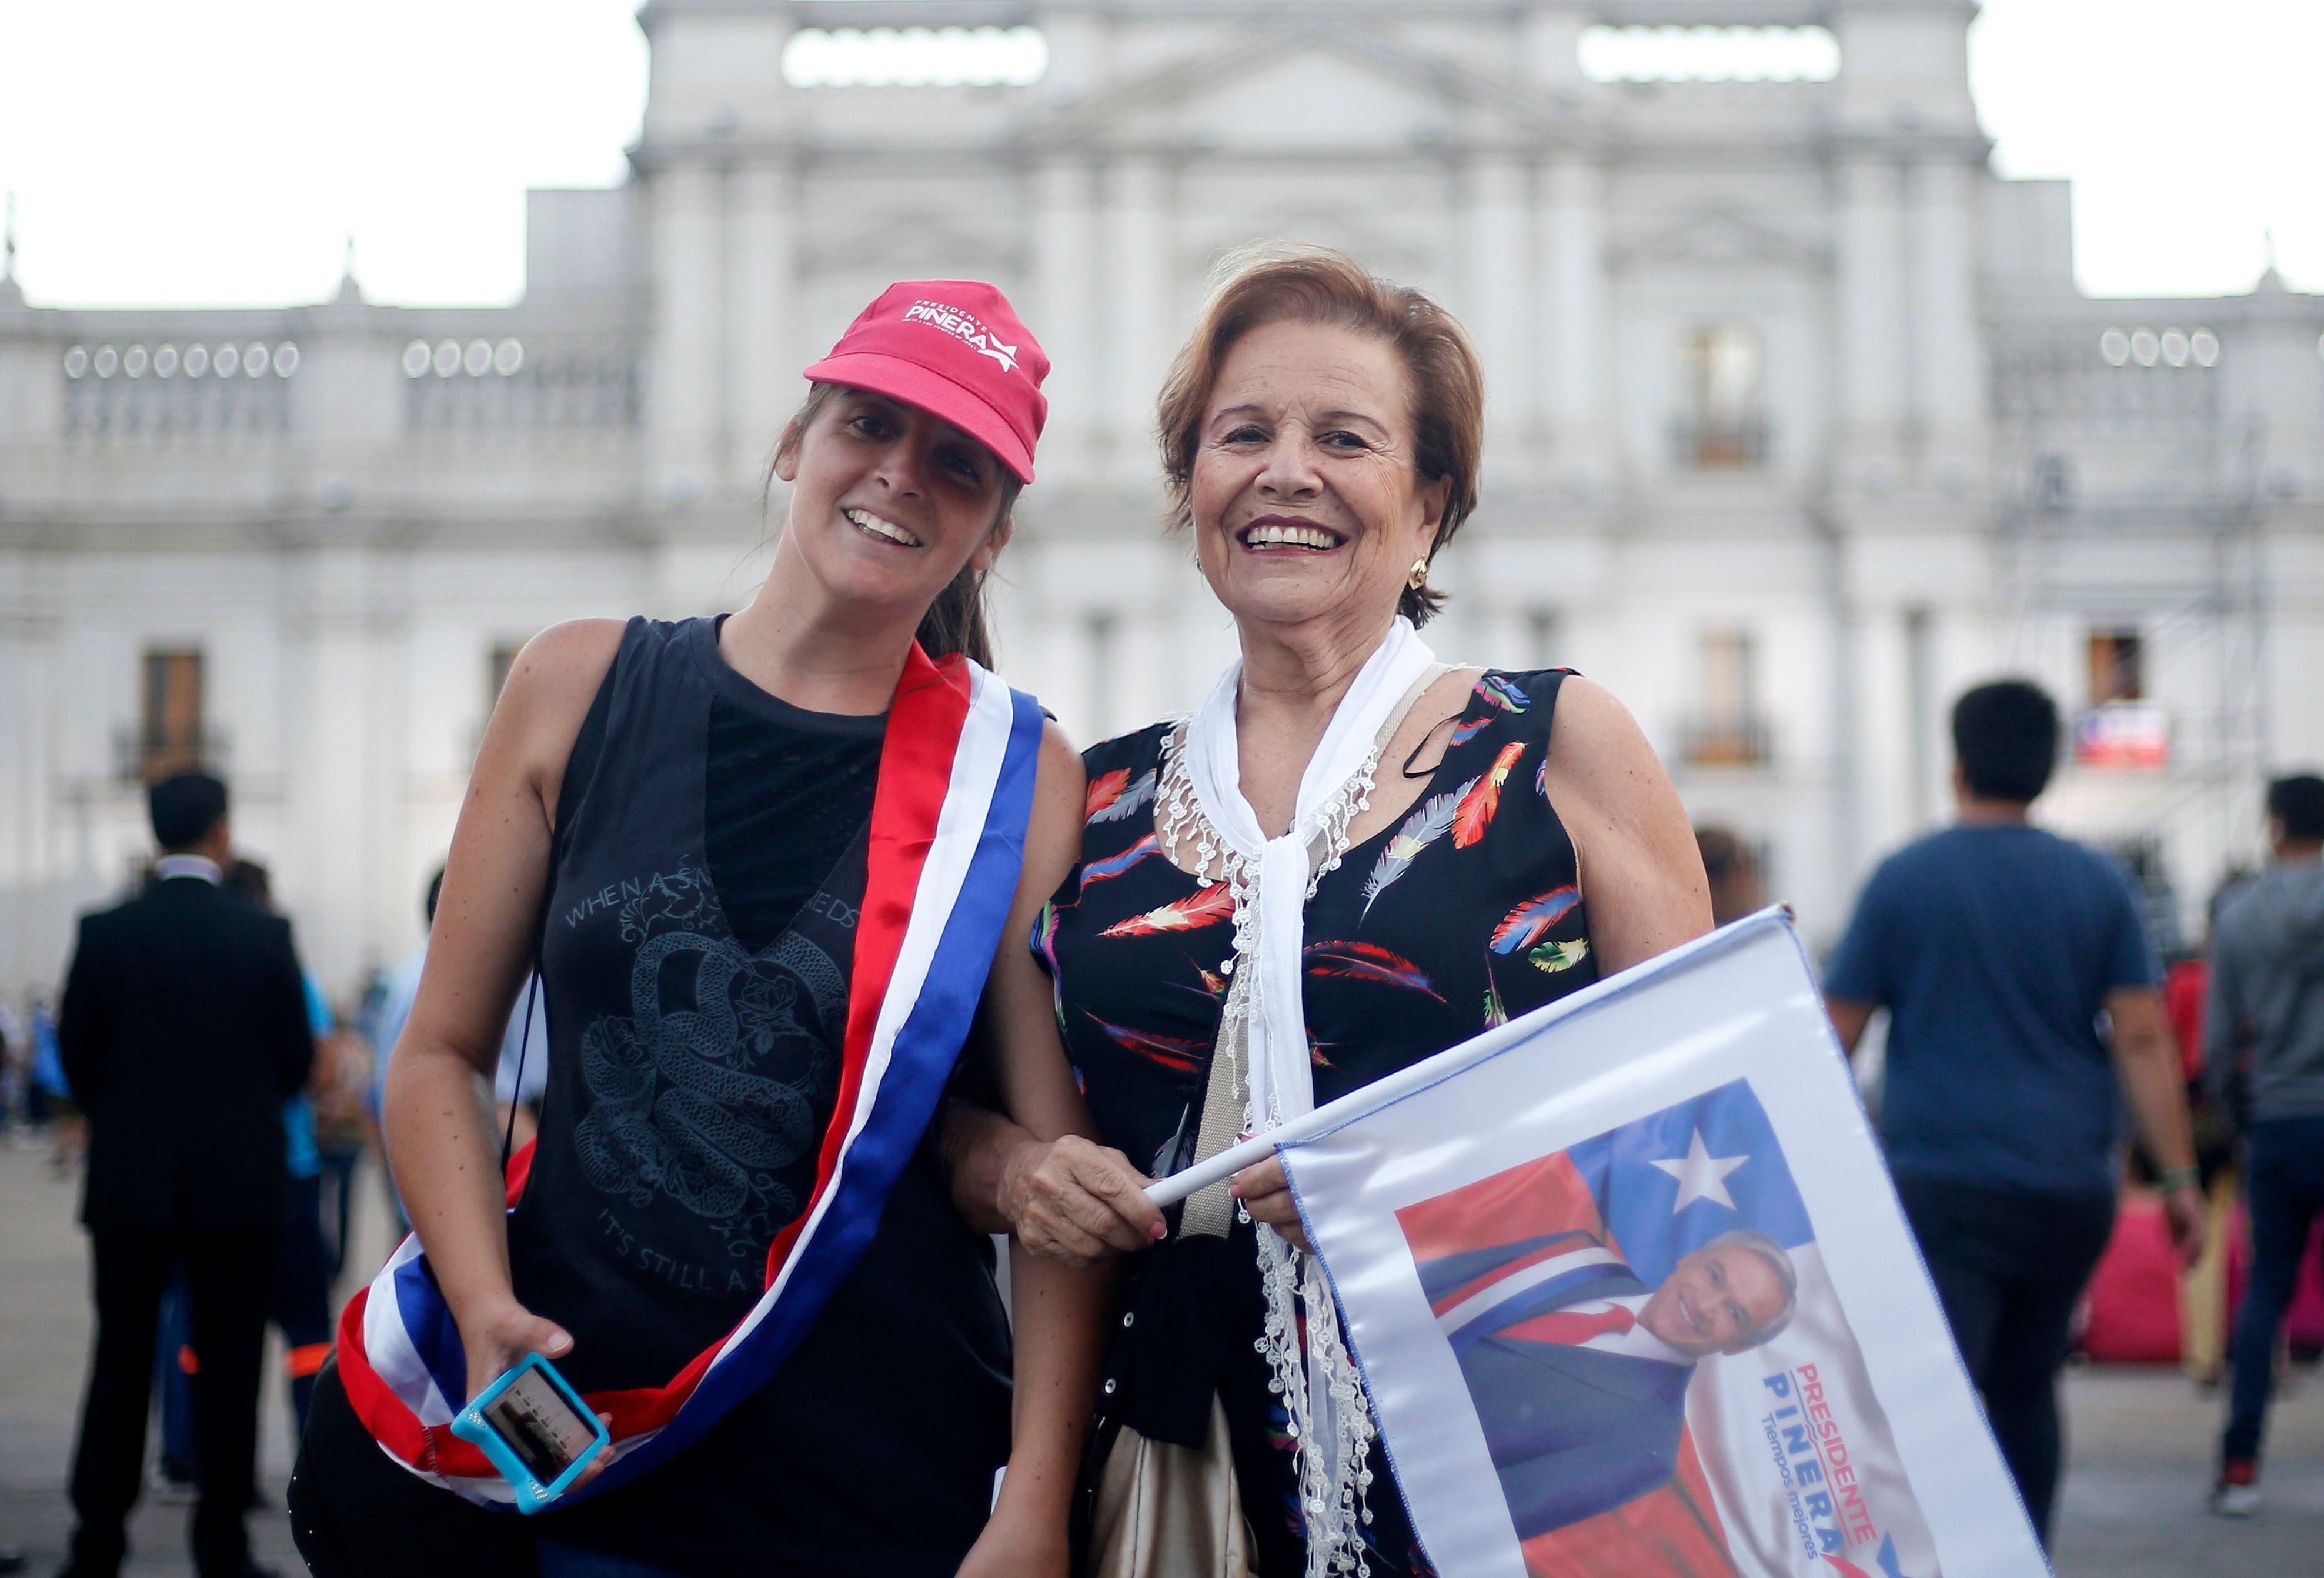 سيدات يحملن صورة الرئيس